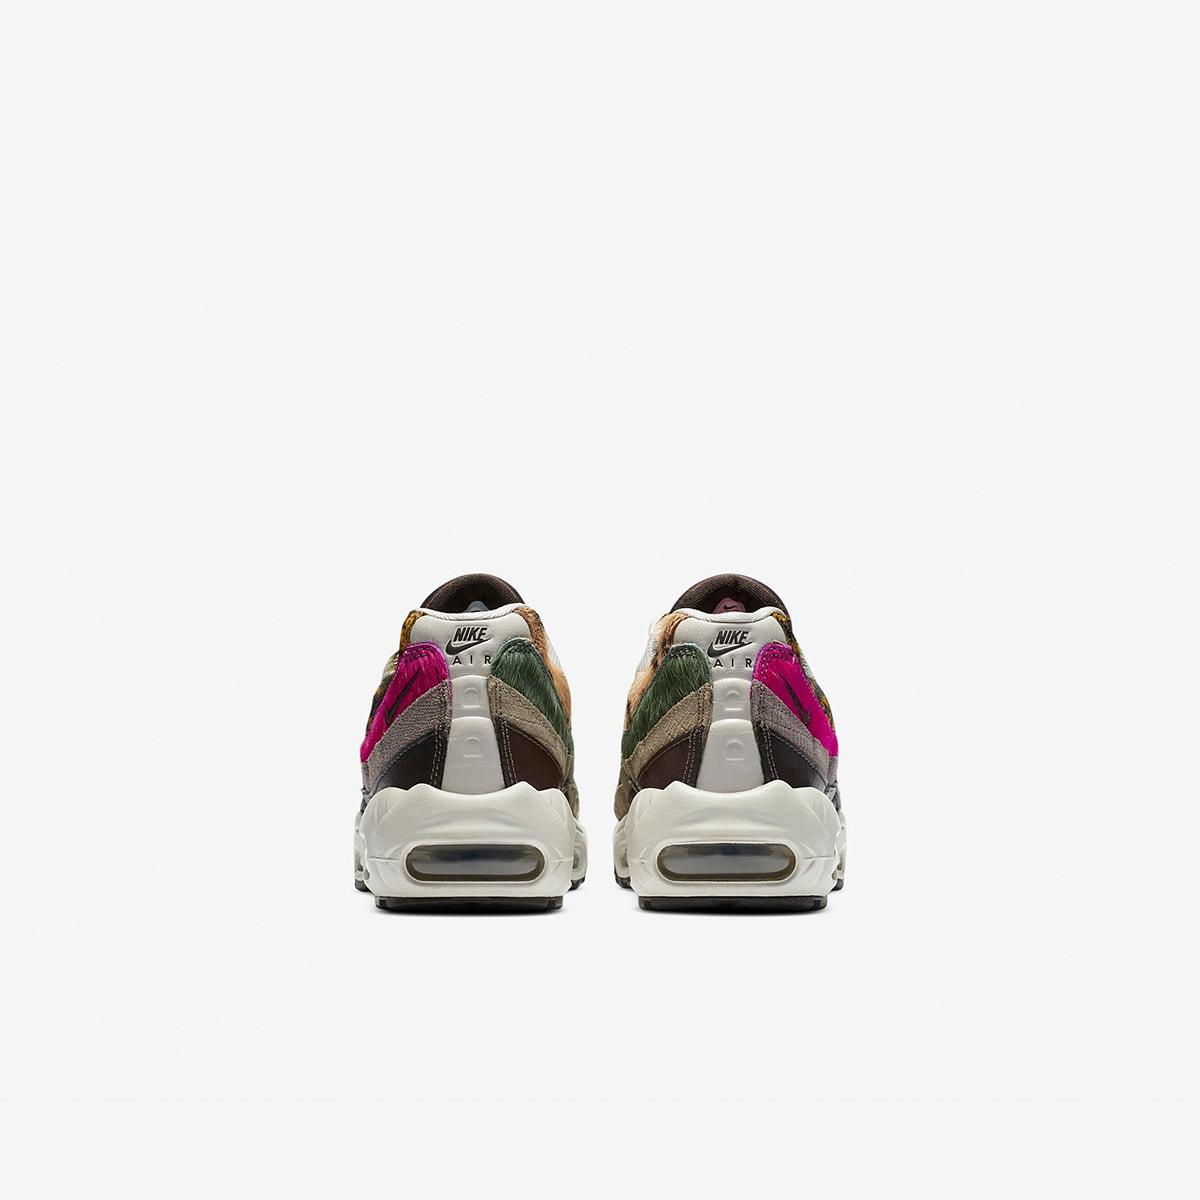 Nike Air Max 95 PRM W - CZ8102-001